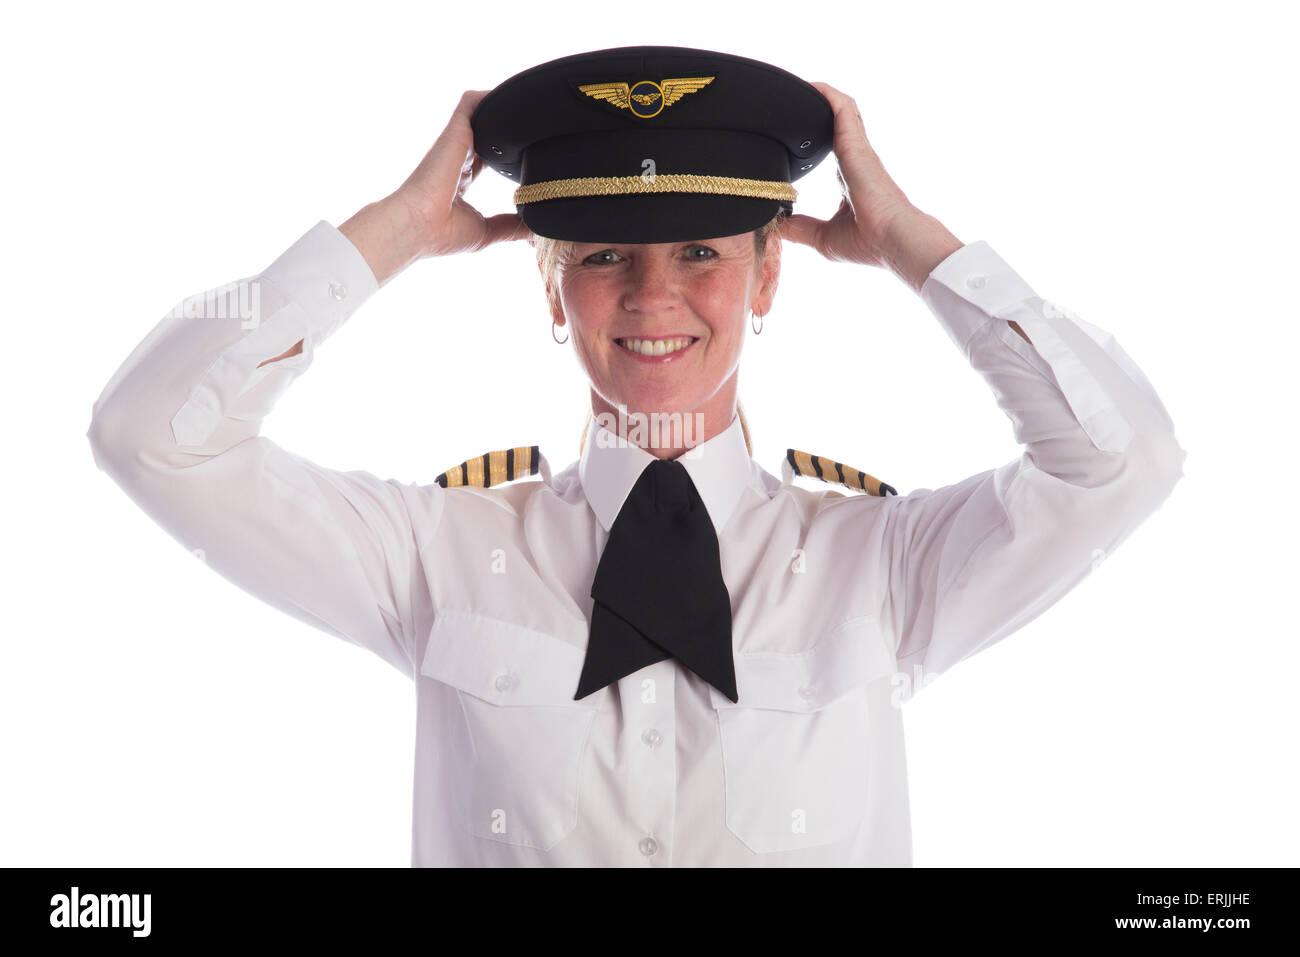 Femmina pilota senior in uniforme e che indossa il suo cappello e un  cravat. Capitano c1686753b206